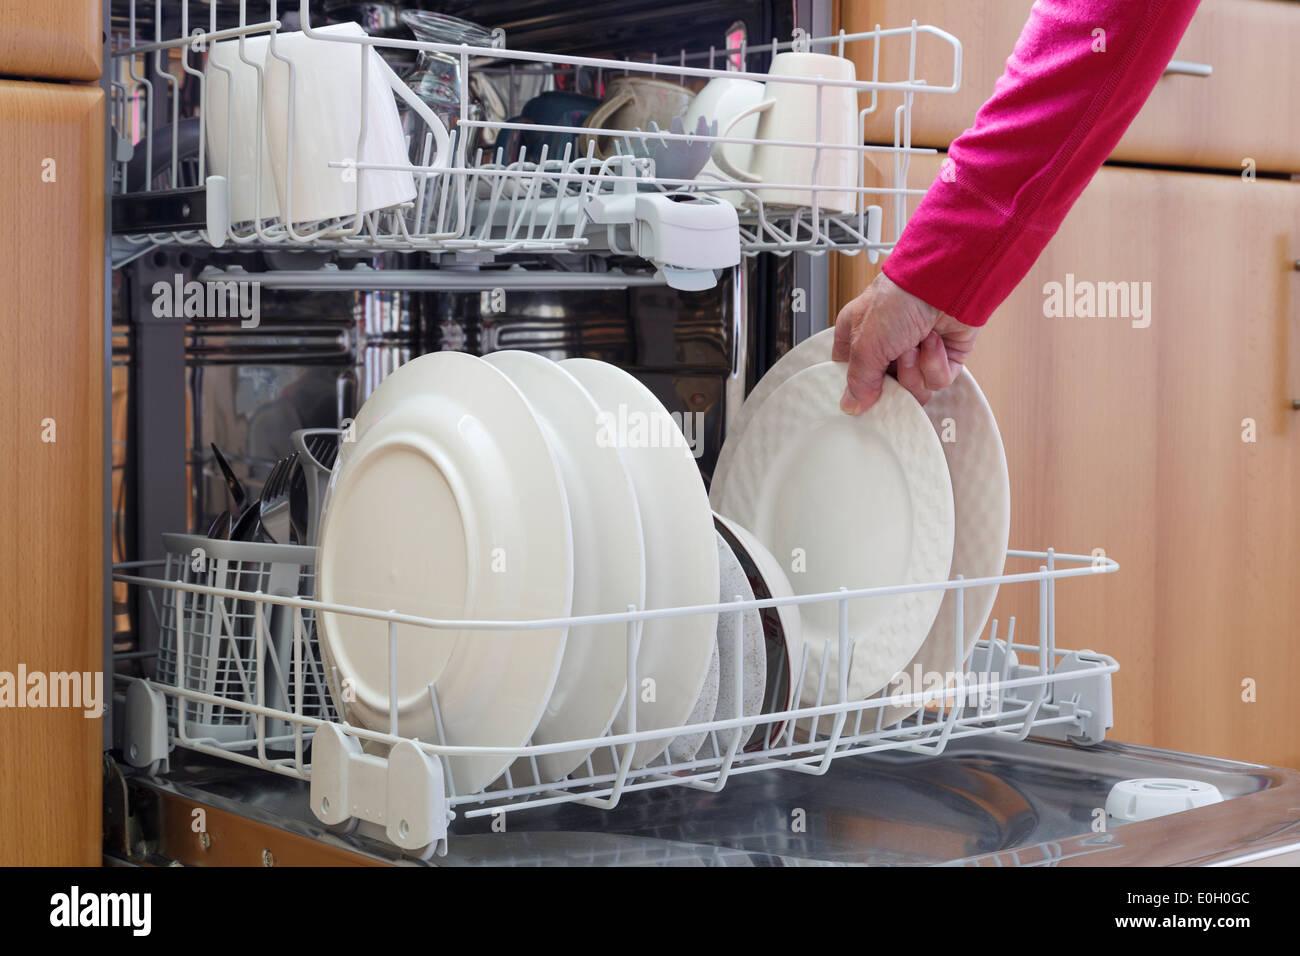 Scène quotidienne de tous les jours une femme de vidange d'un équipé d'un lave-vaisselle plein de nettoyer la vaisselle lavée dans une cuisine domestique à la maison UK, Grande-Bretagne Photo Stock